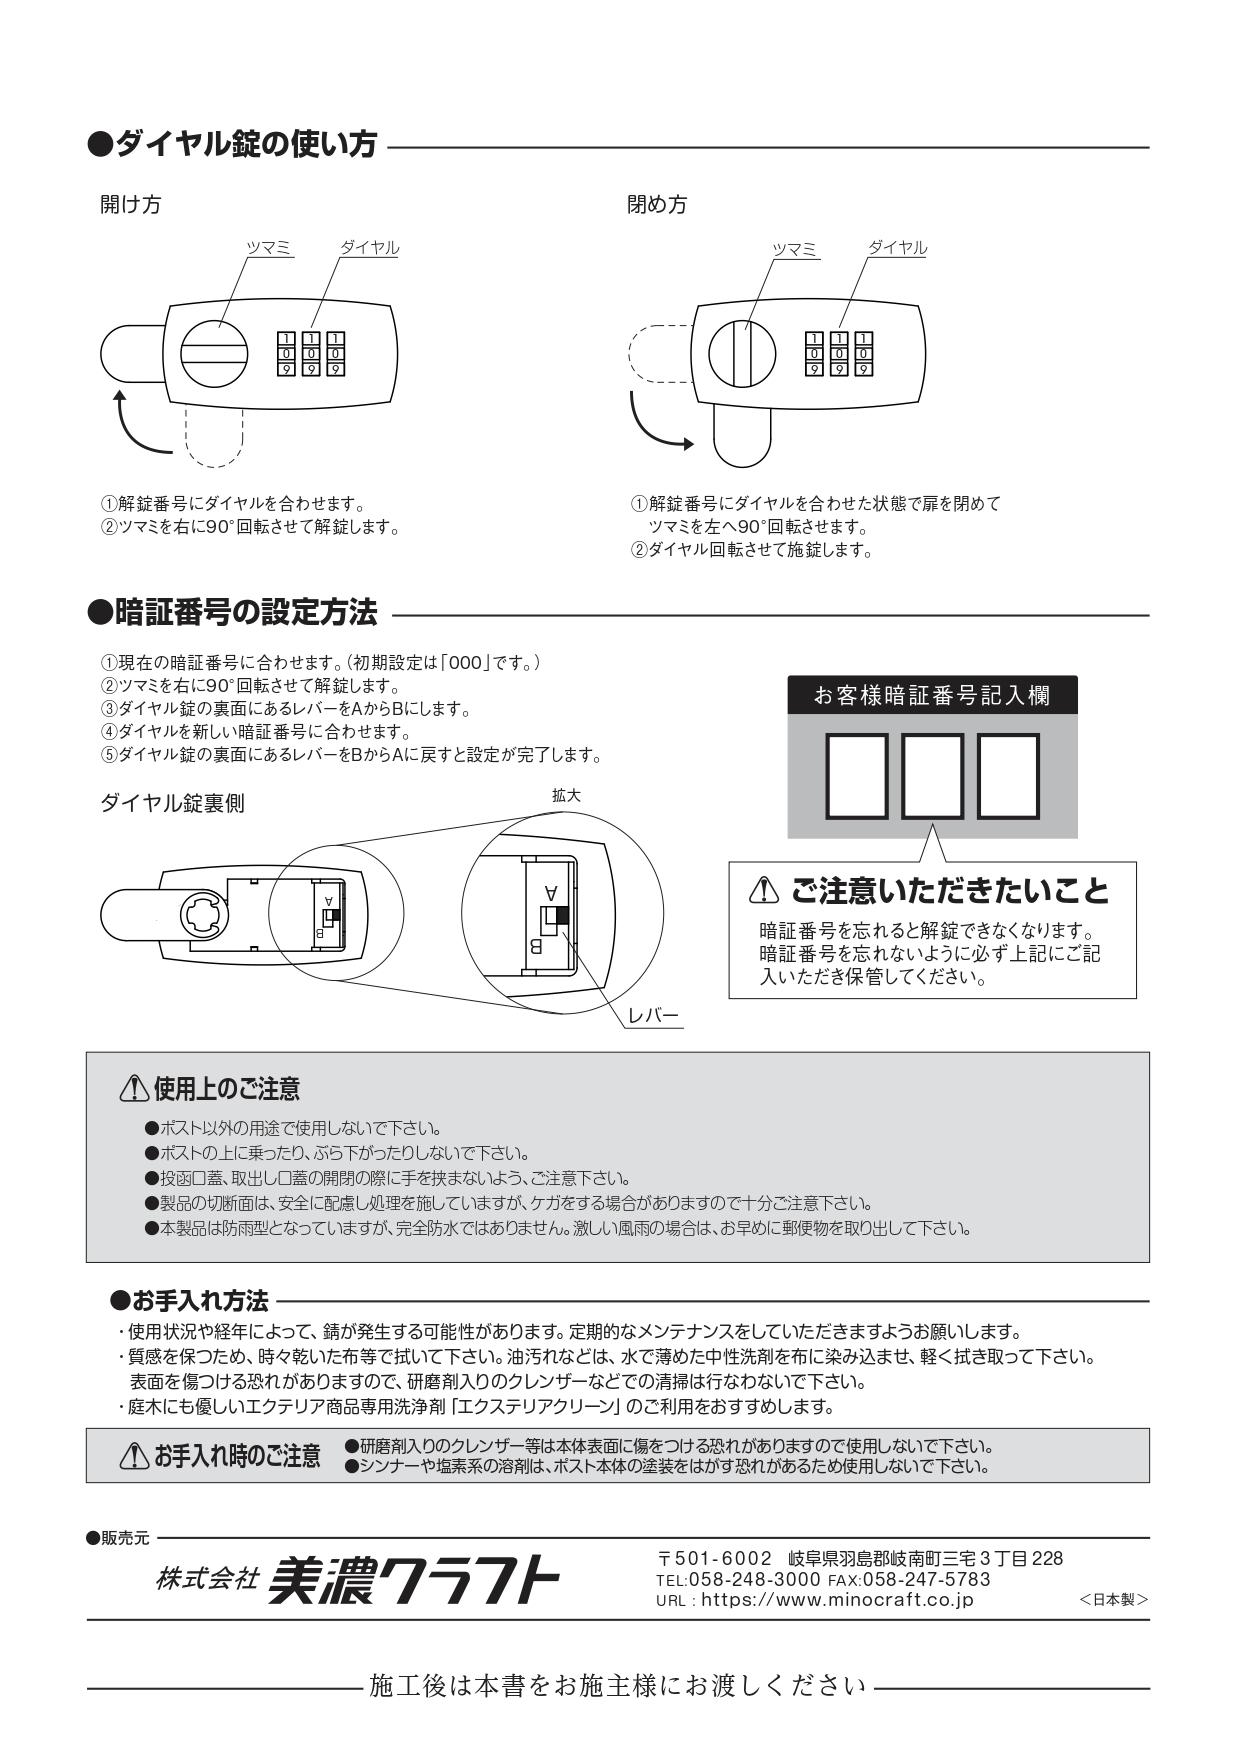 バク 施工説明書_page-0002